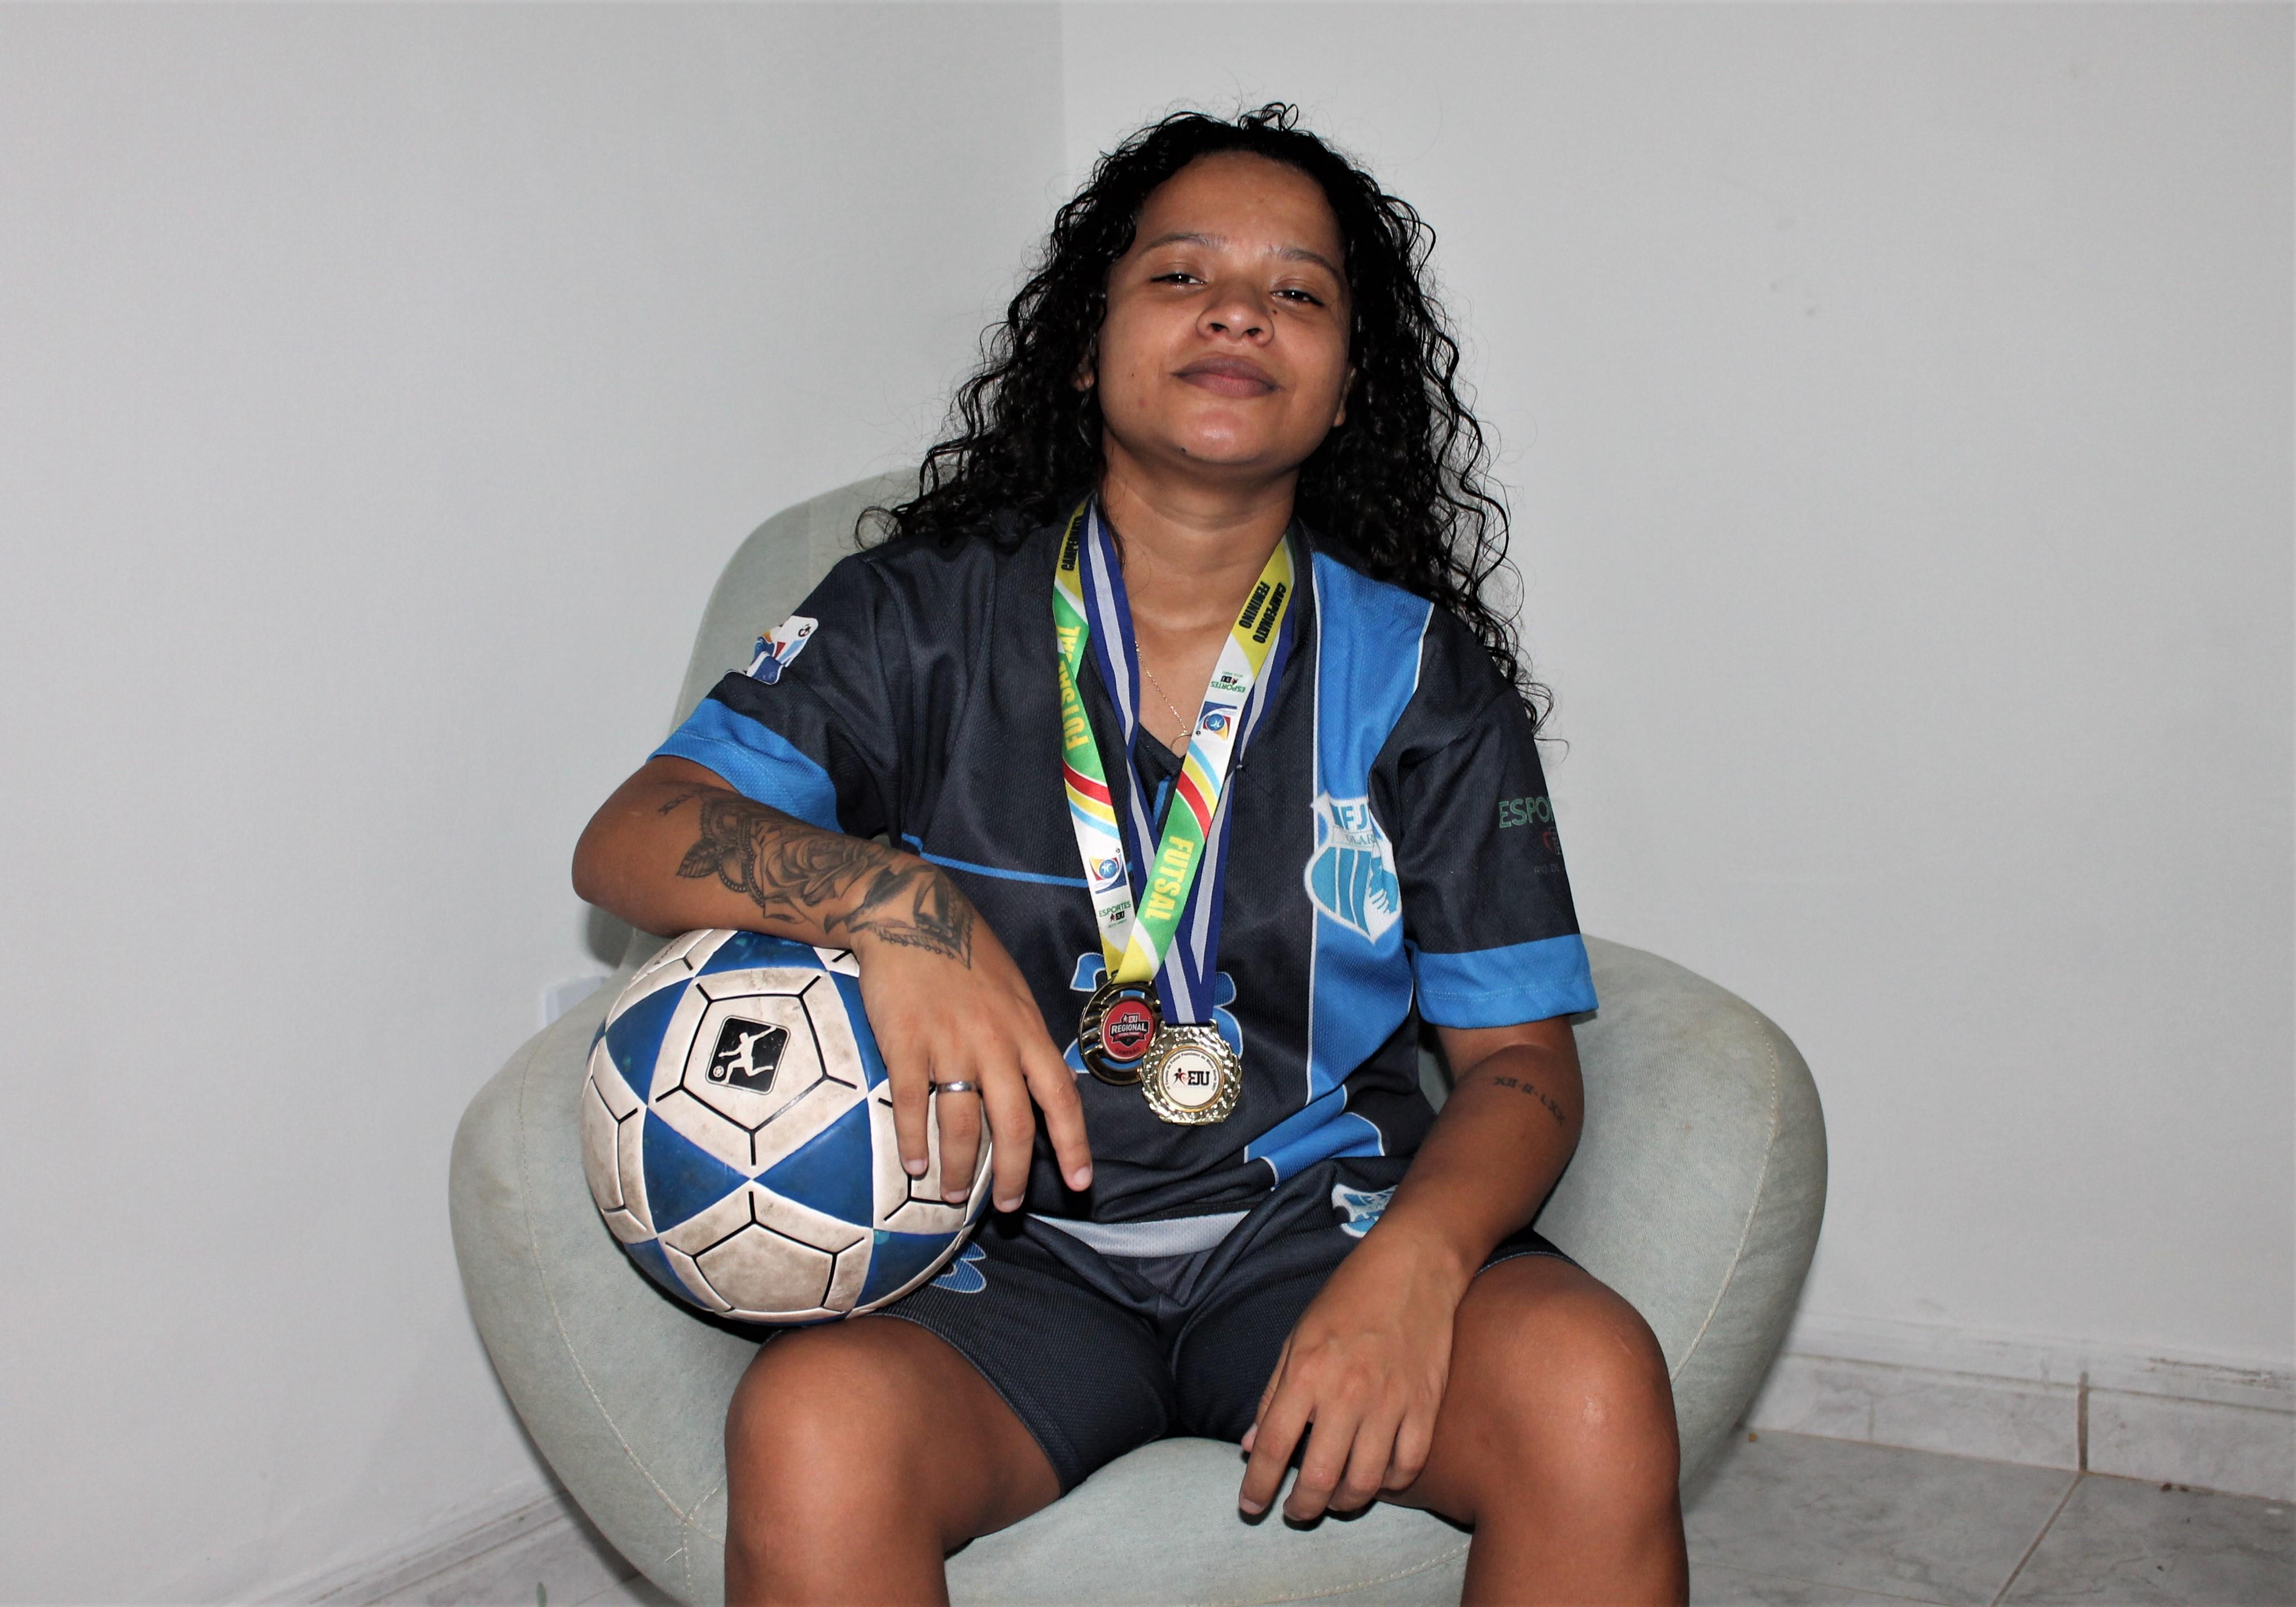 No Alemão, garçonete sonha se tornar jogadora de futebol profissional